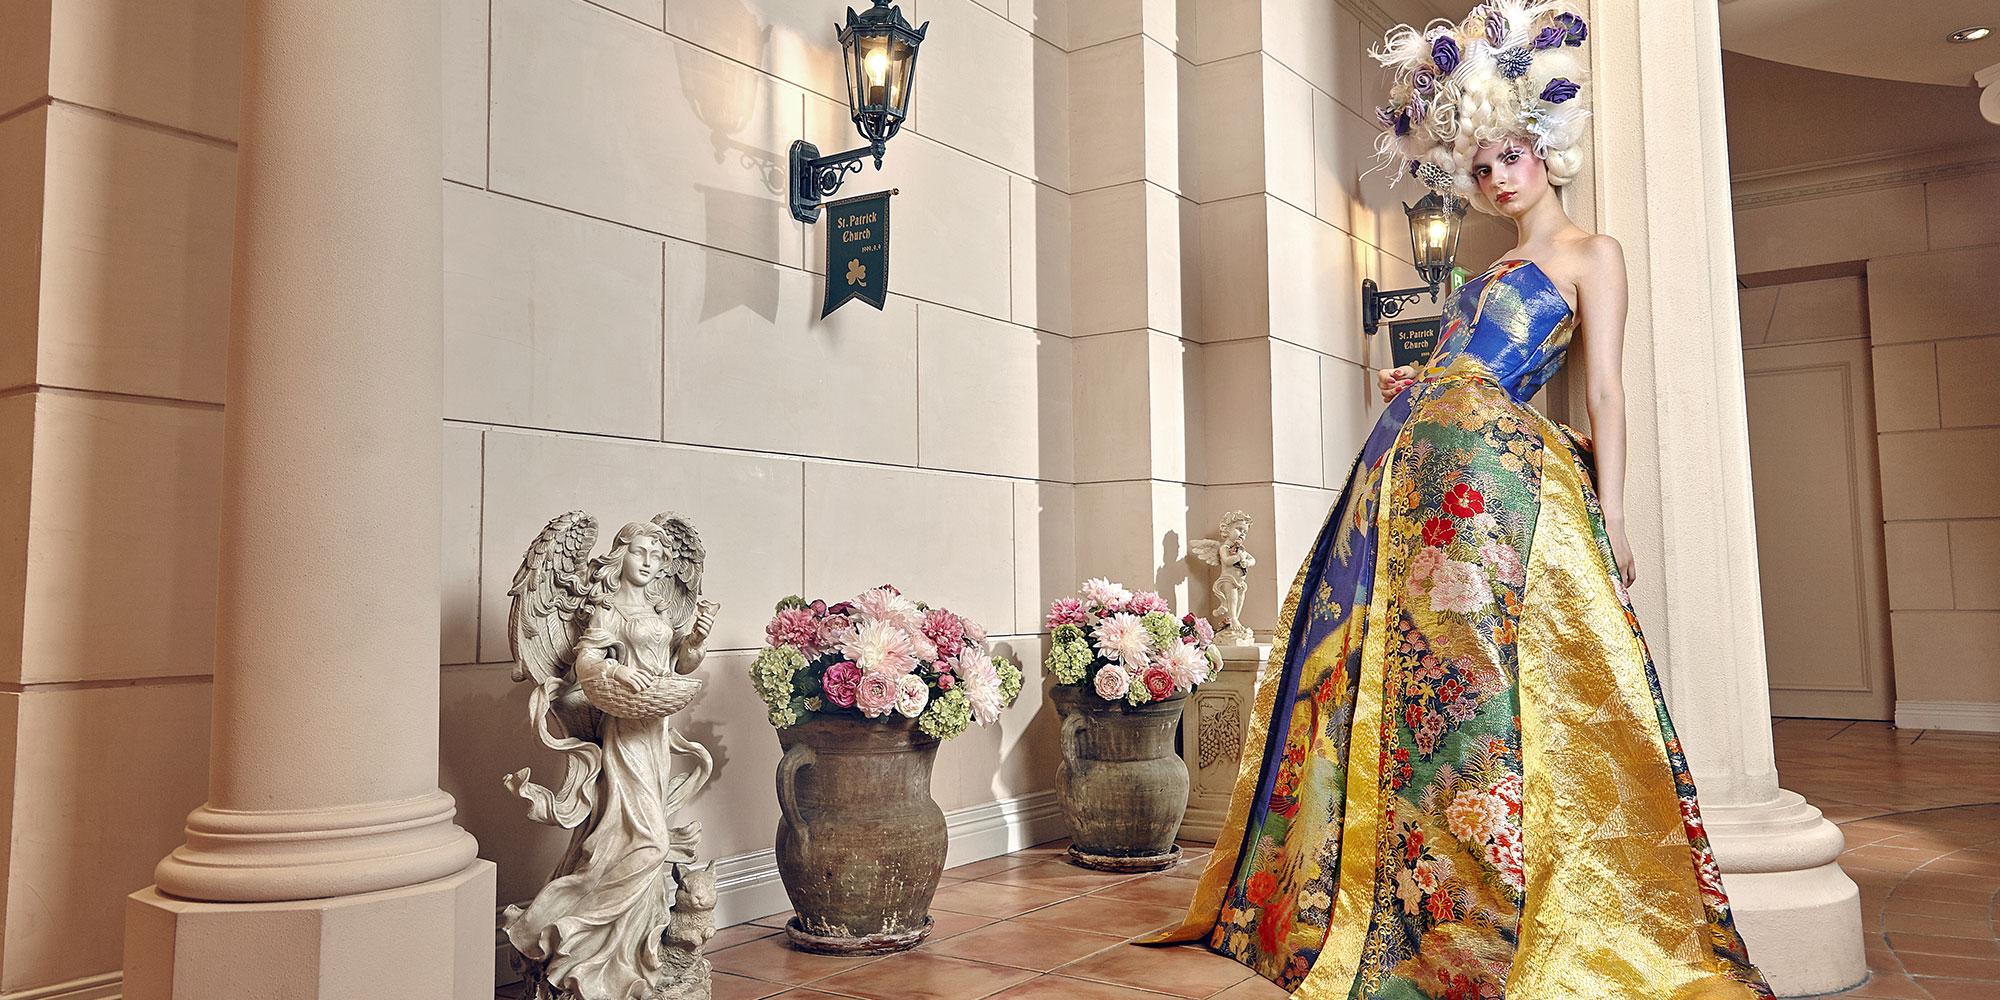 c7a9e809839f6 和ドレス・ウェディングドレスレンタルのアリアンサ|着物ドレス・打掛ドレス・カラードレス・コンテストドレスのオーダーメイド、レンタル・ドレス制作、販売